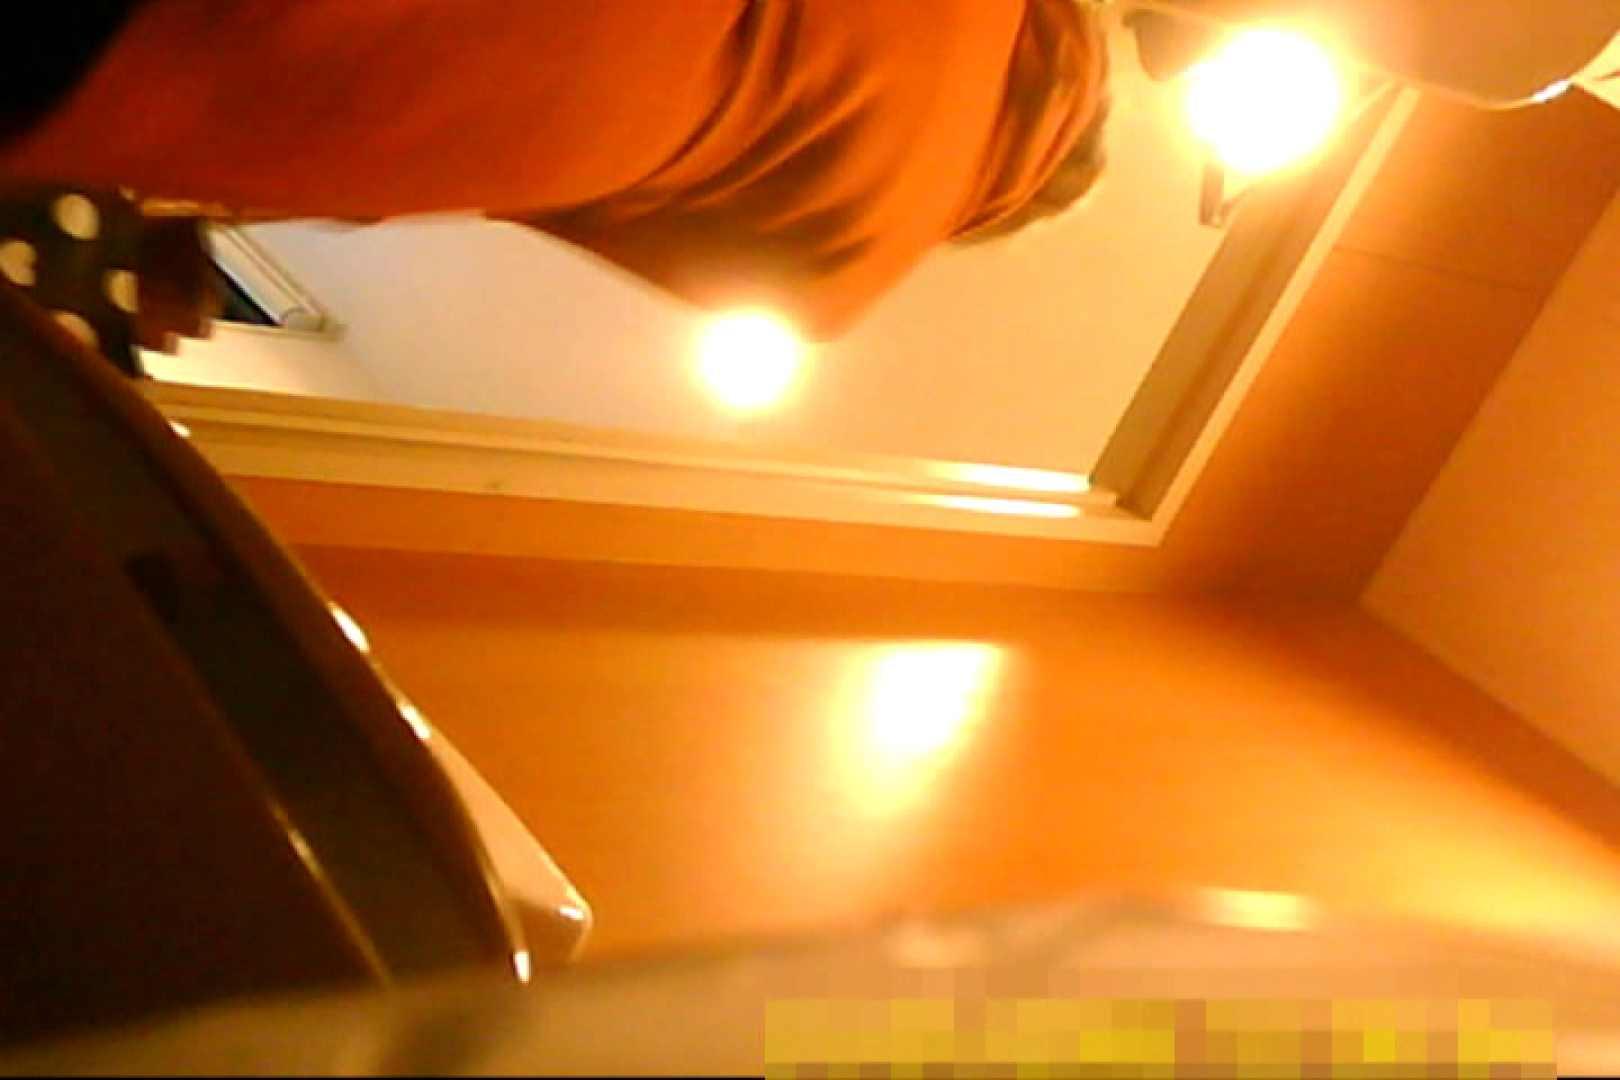 魅惑の化粧室~禁断のプライベート空間~vol.6 プライベート映像 AV無料動画キャプチャ 56pic 12